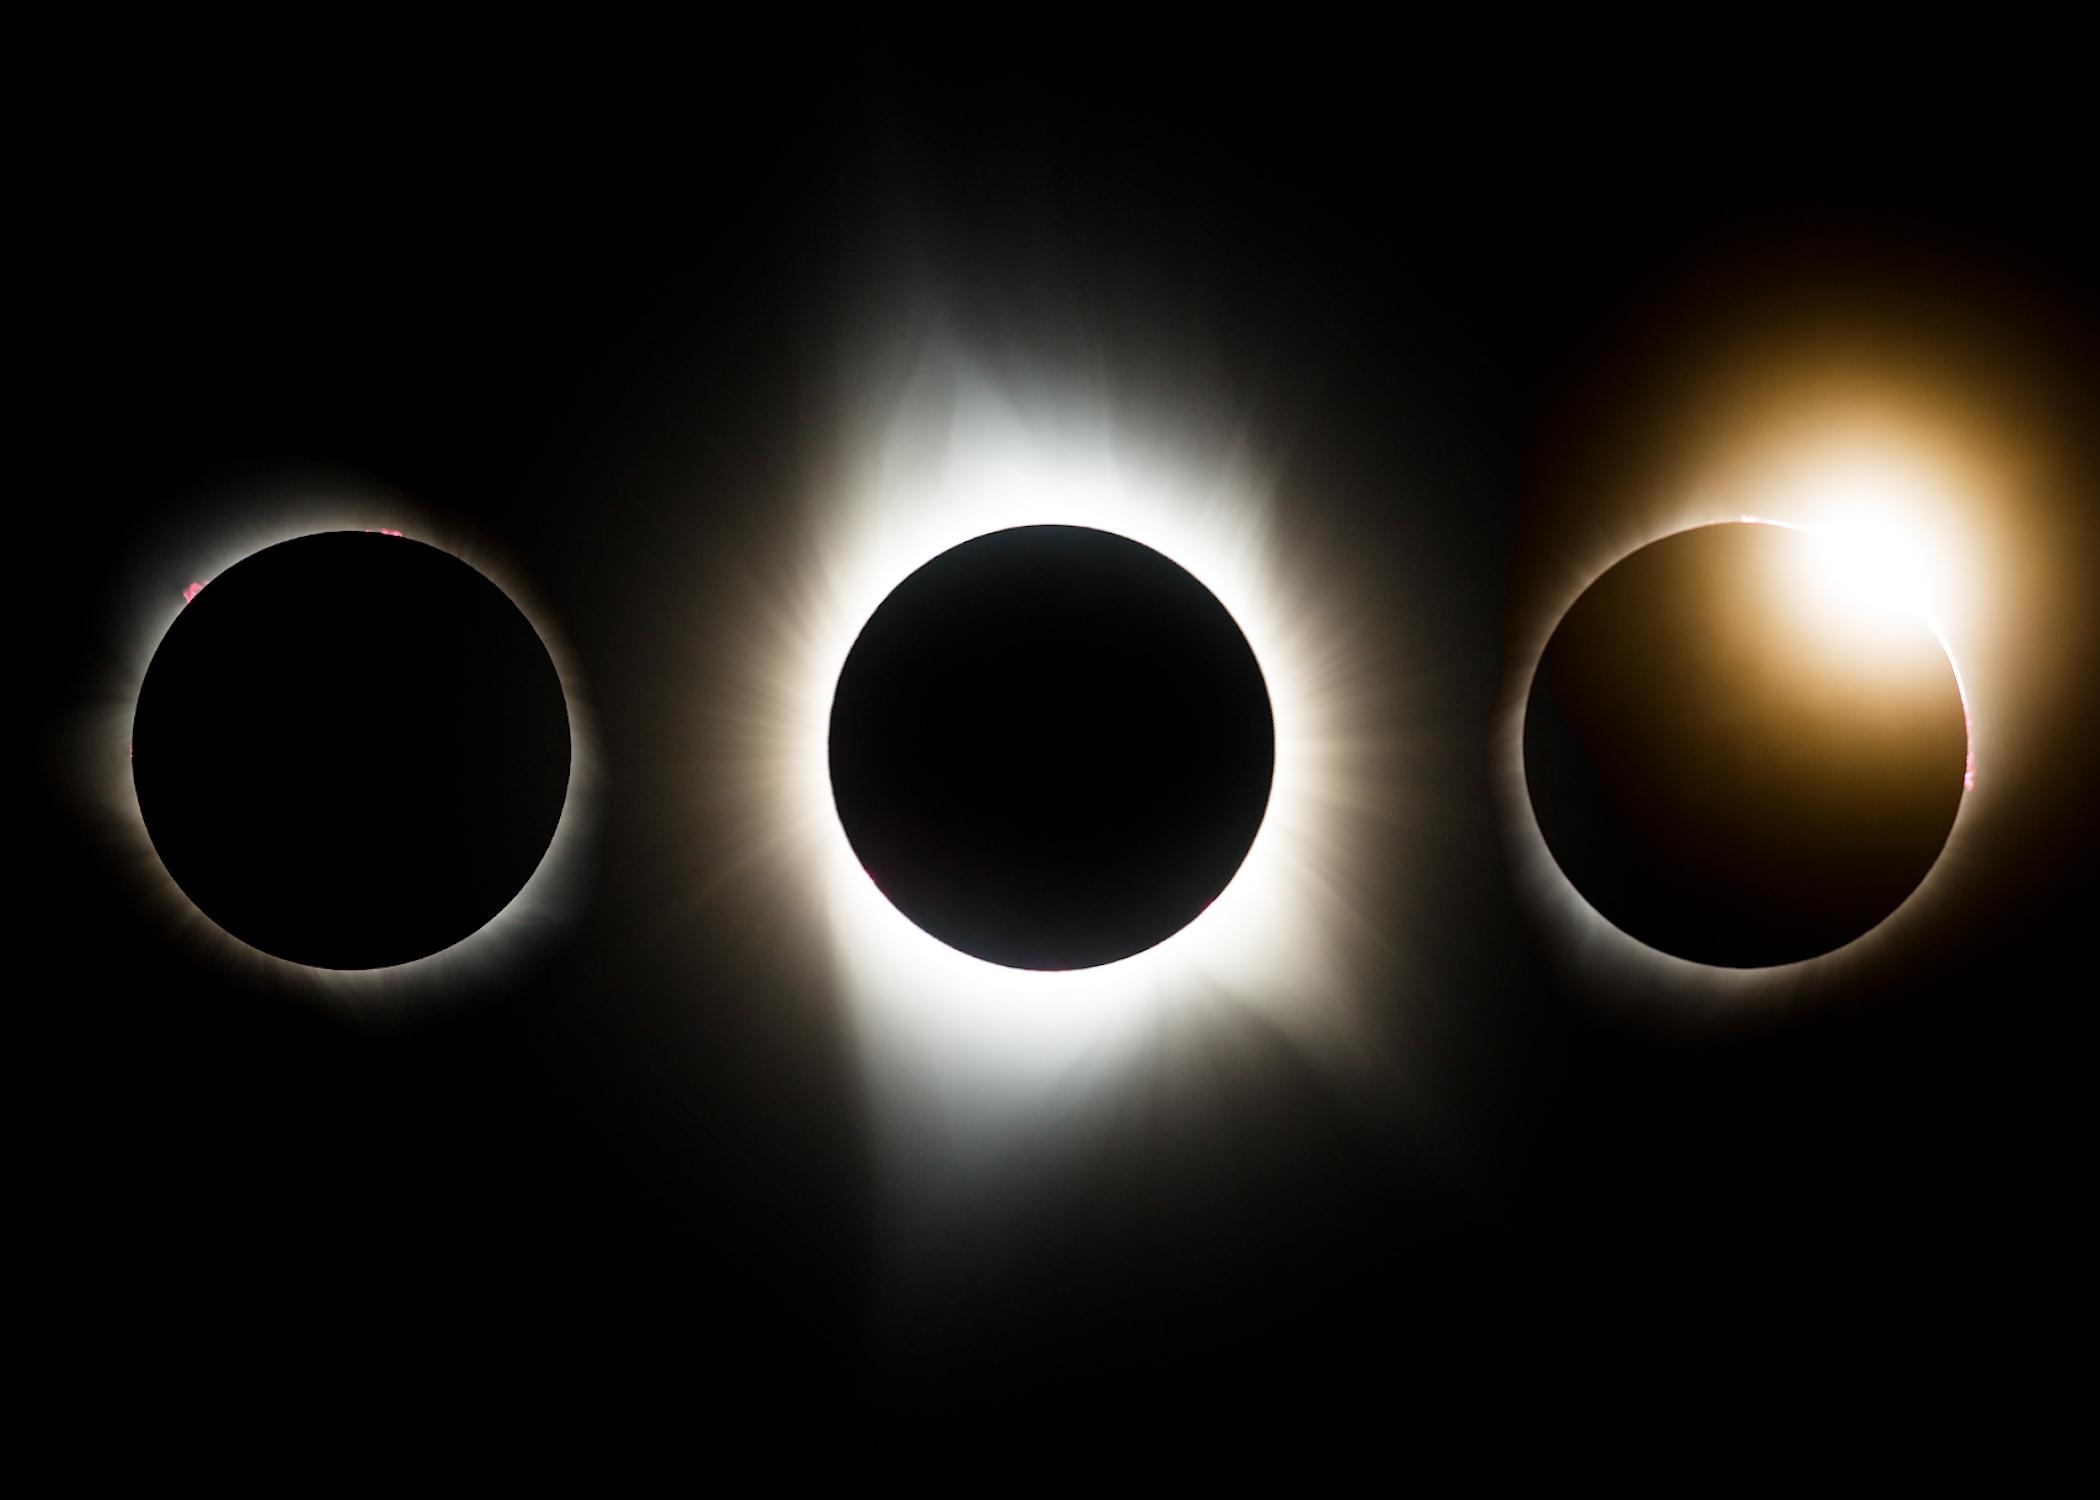 EclipseSharp.jpg